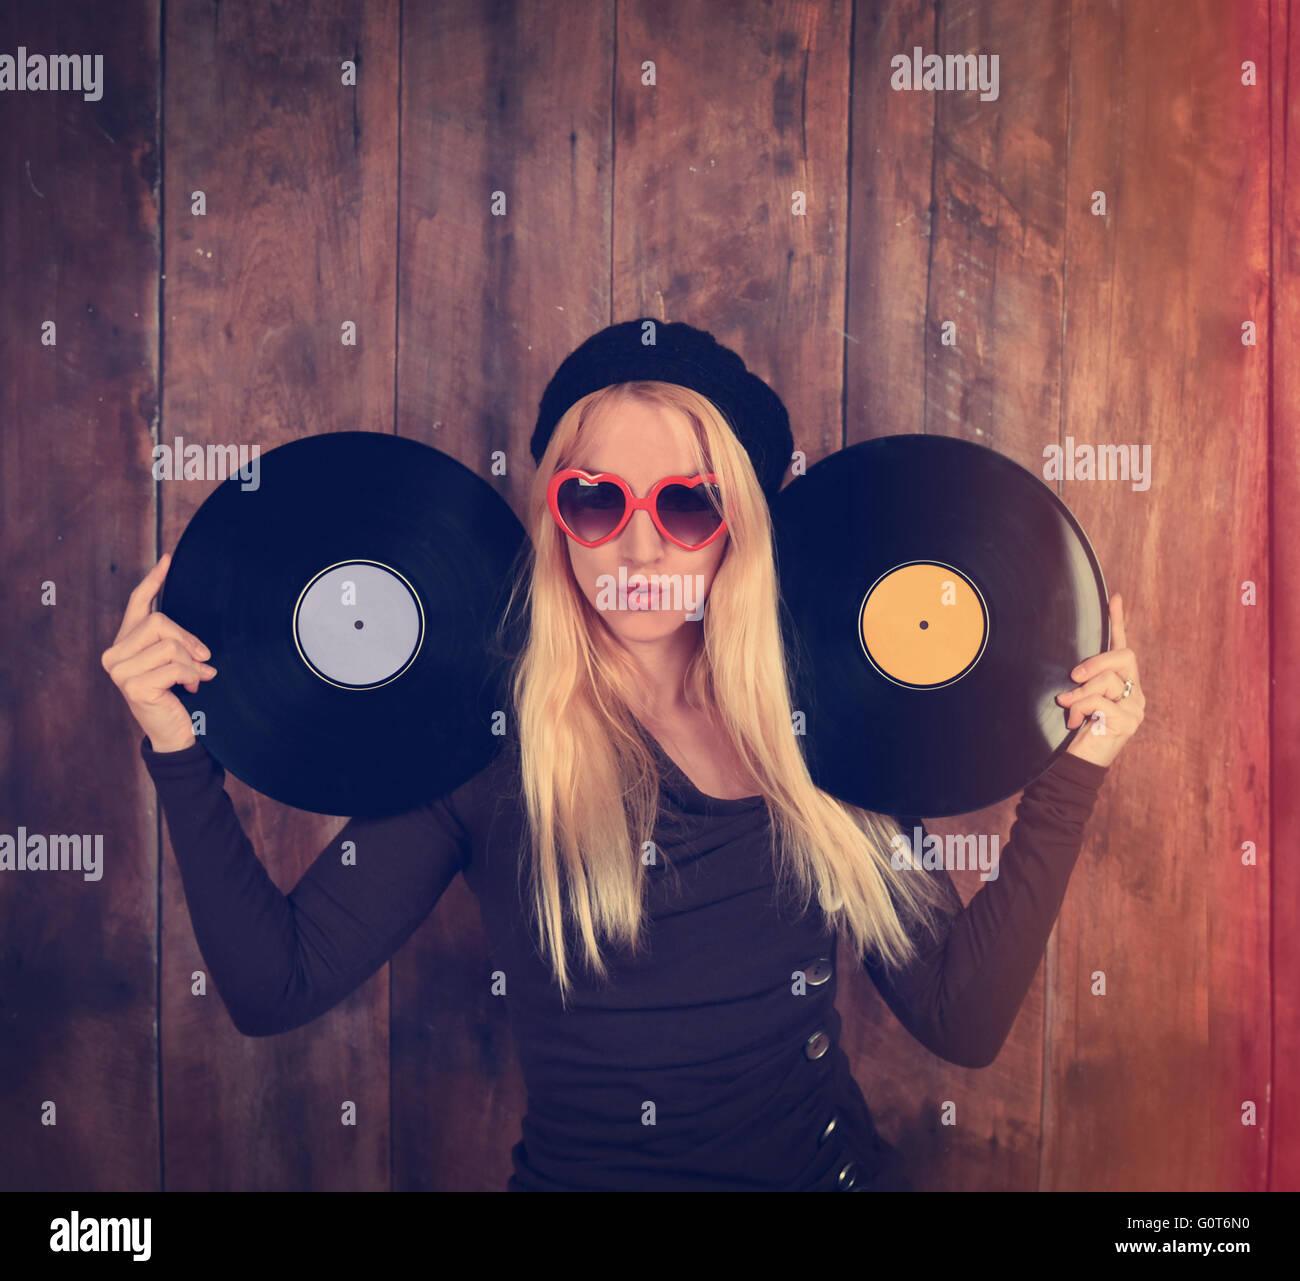 Una rubia hipster chica con gafas es la celebración de dos discos de vinilo vintage para un concepto de entretenimiento Imagen De Stock